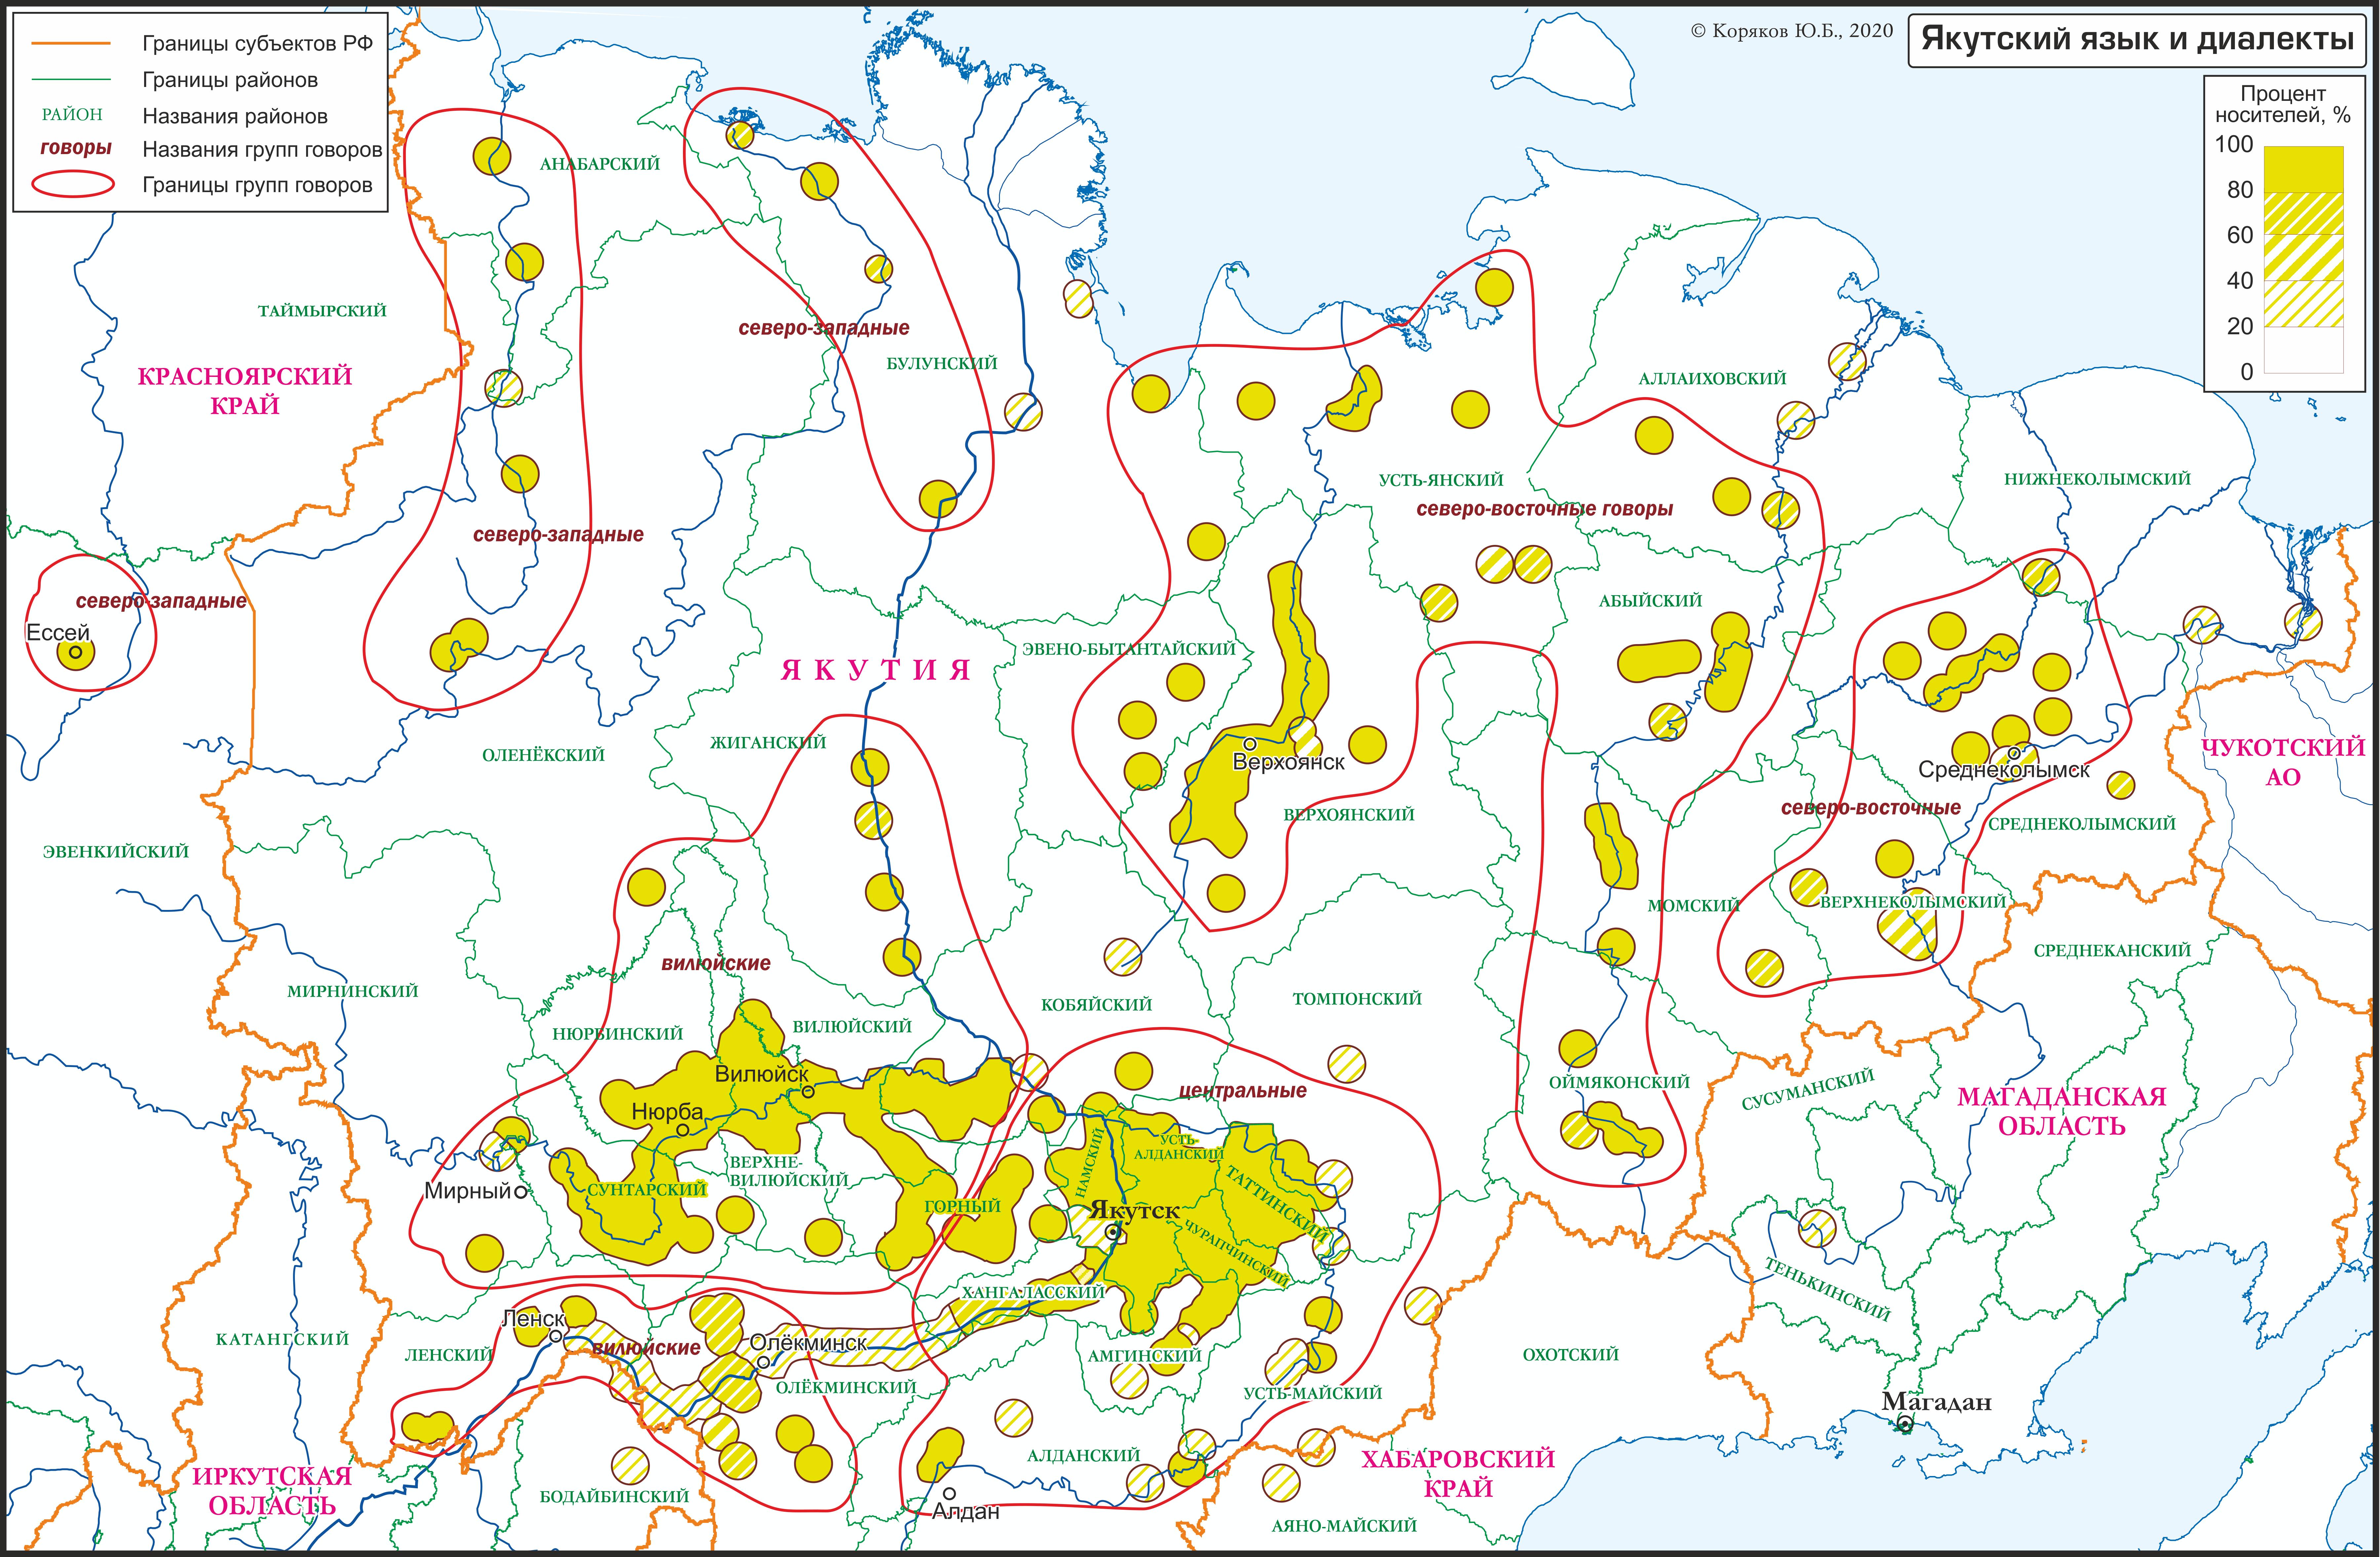 Якутский язык и диалекты